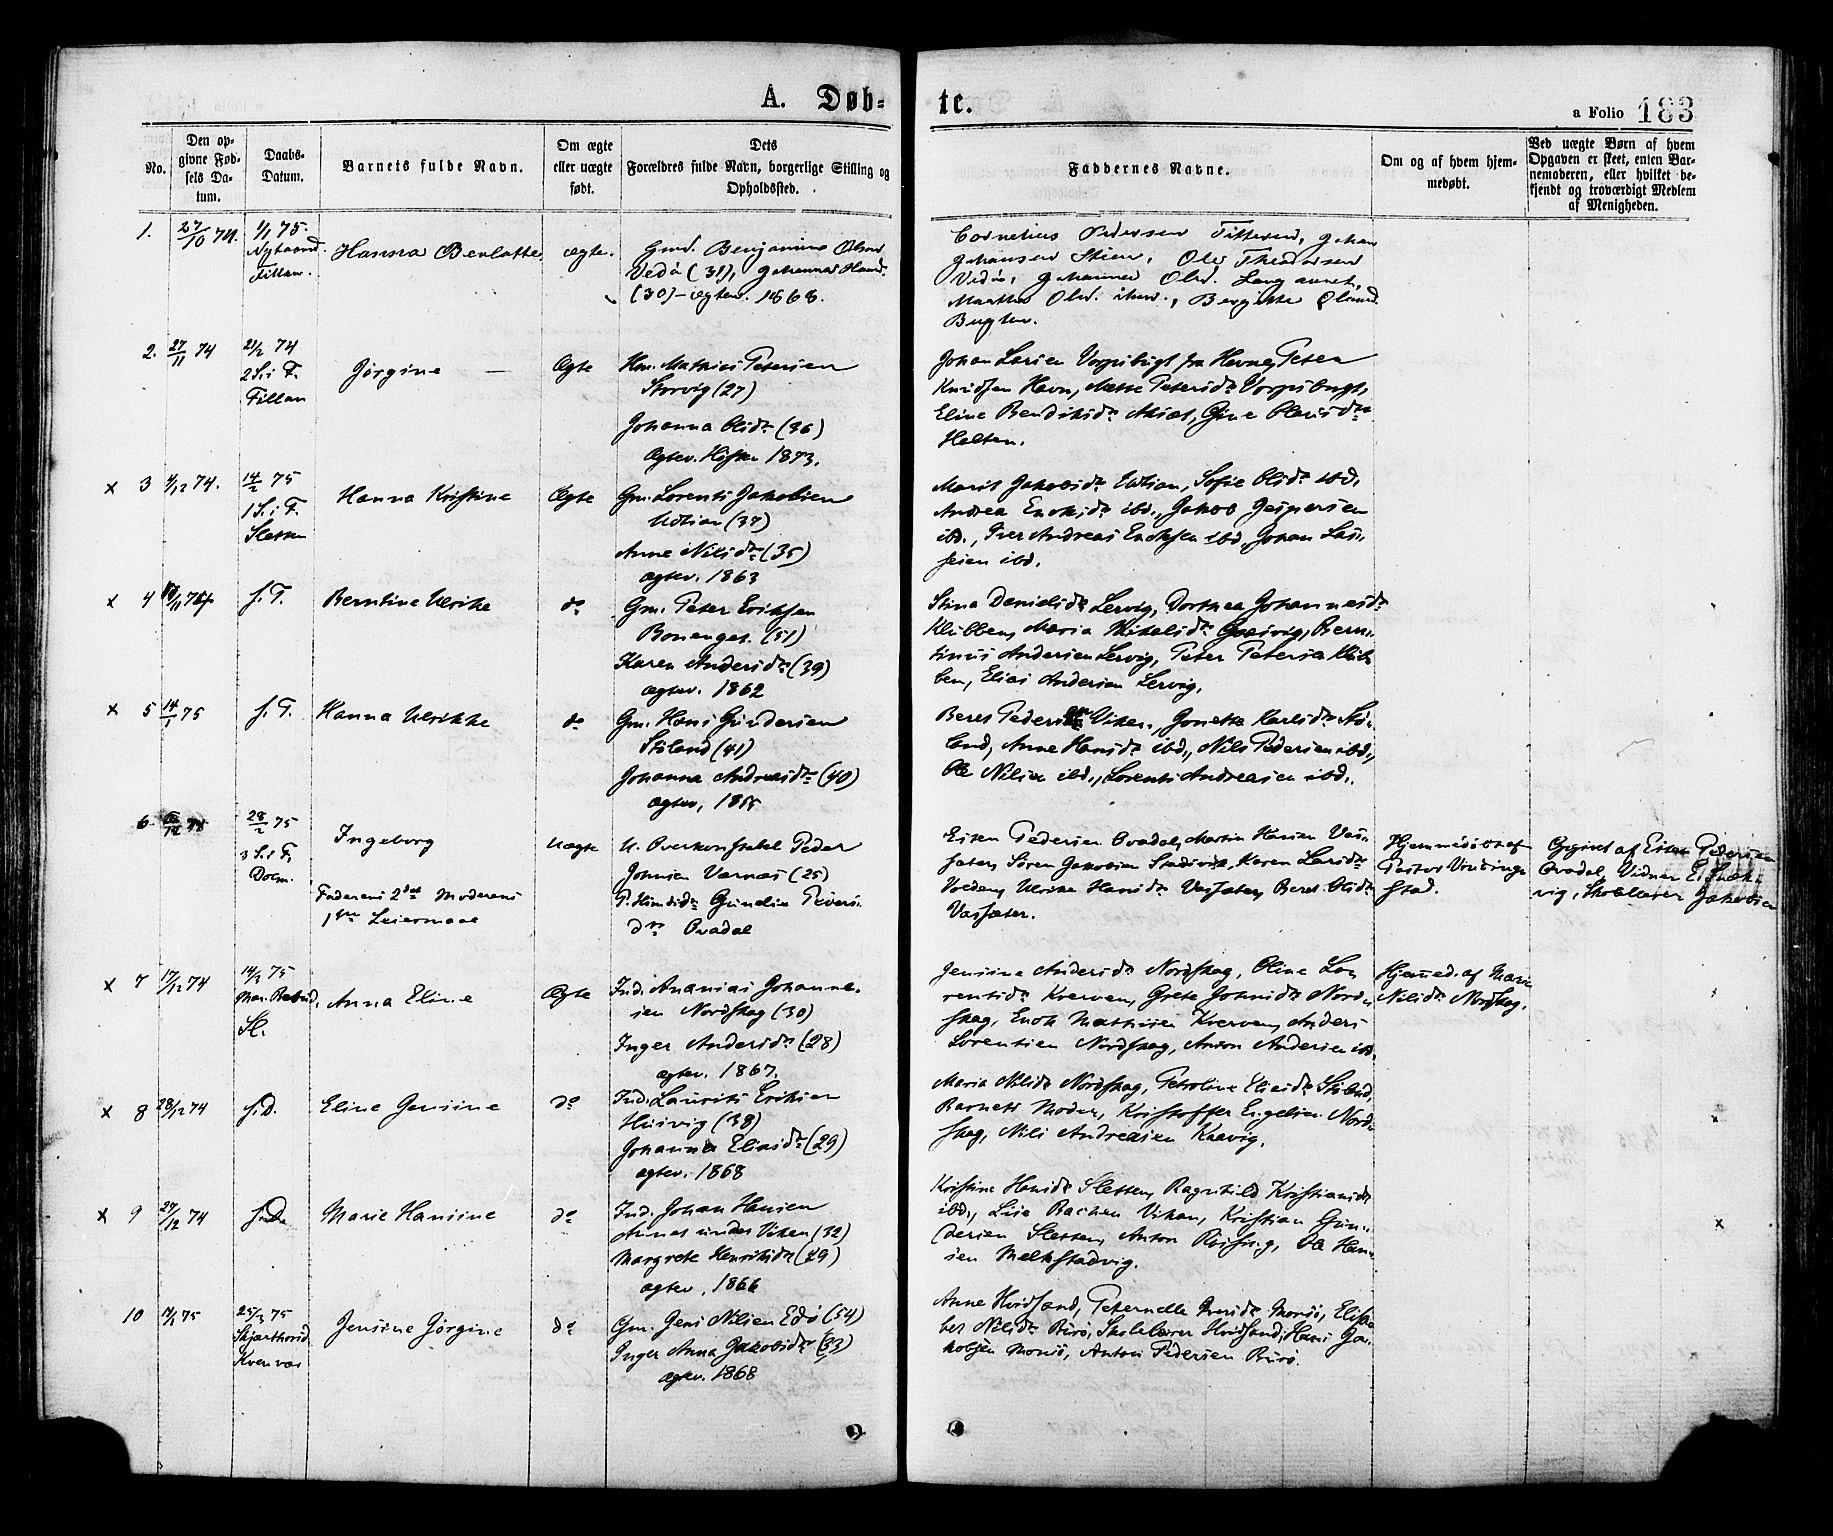 SAT, Ministerialprotokoller, klokkerbøker og fødselsregistre - Sør-Trøndelag, 634/L0532: Ministerialbok nr. 634A08, 1871-1881, s. 183